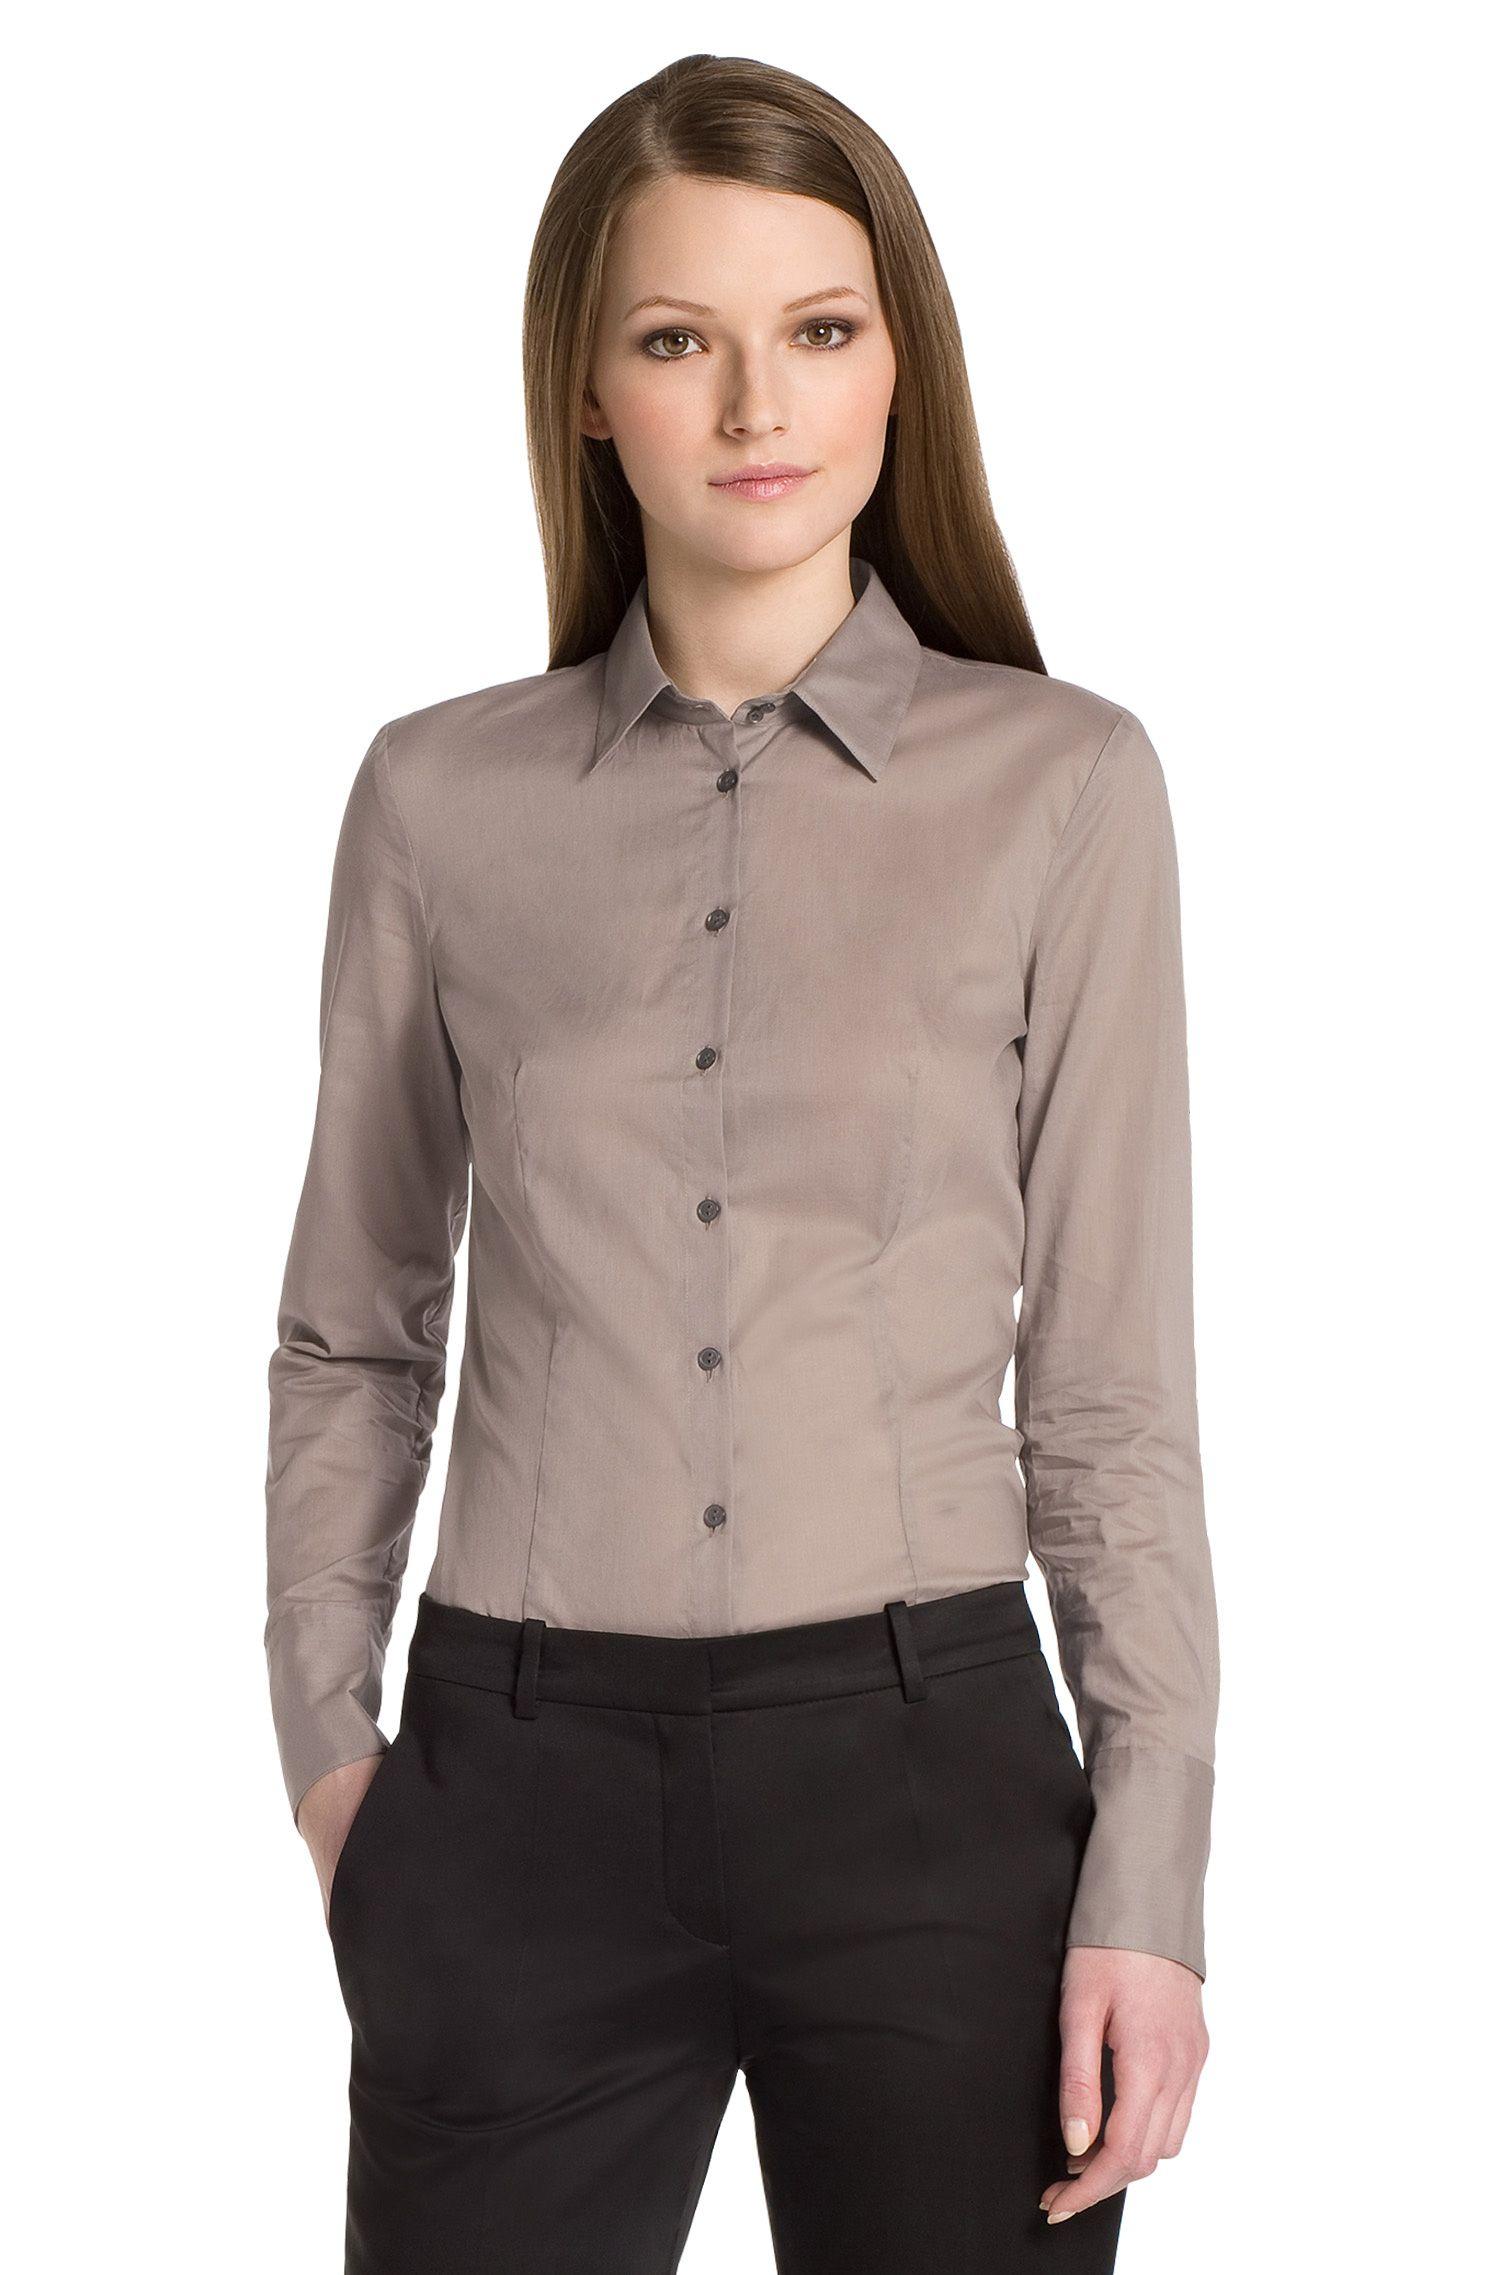 Bluse ´Etrixe1` aus Baumwolle